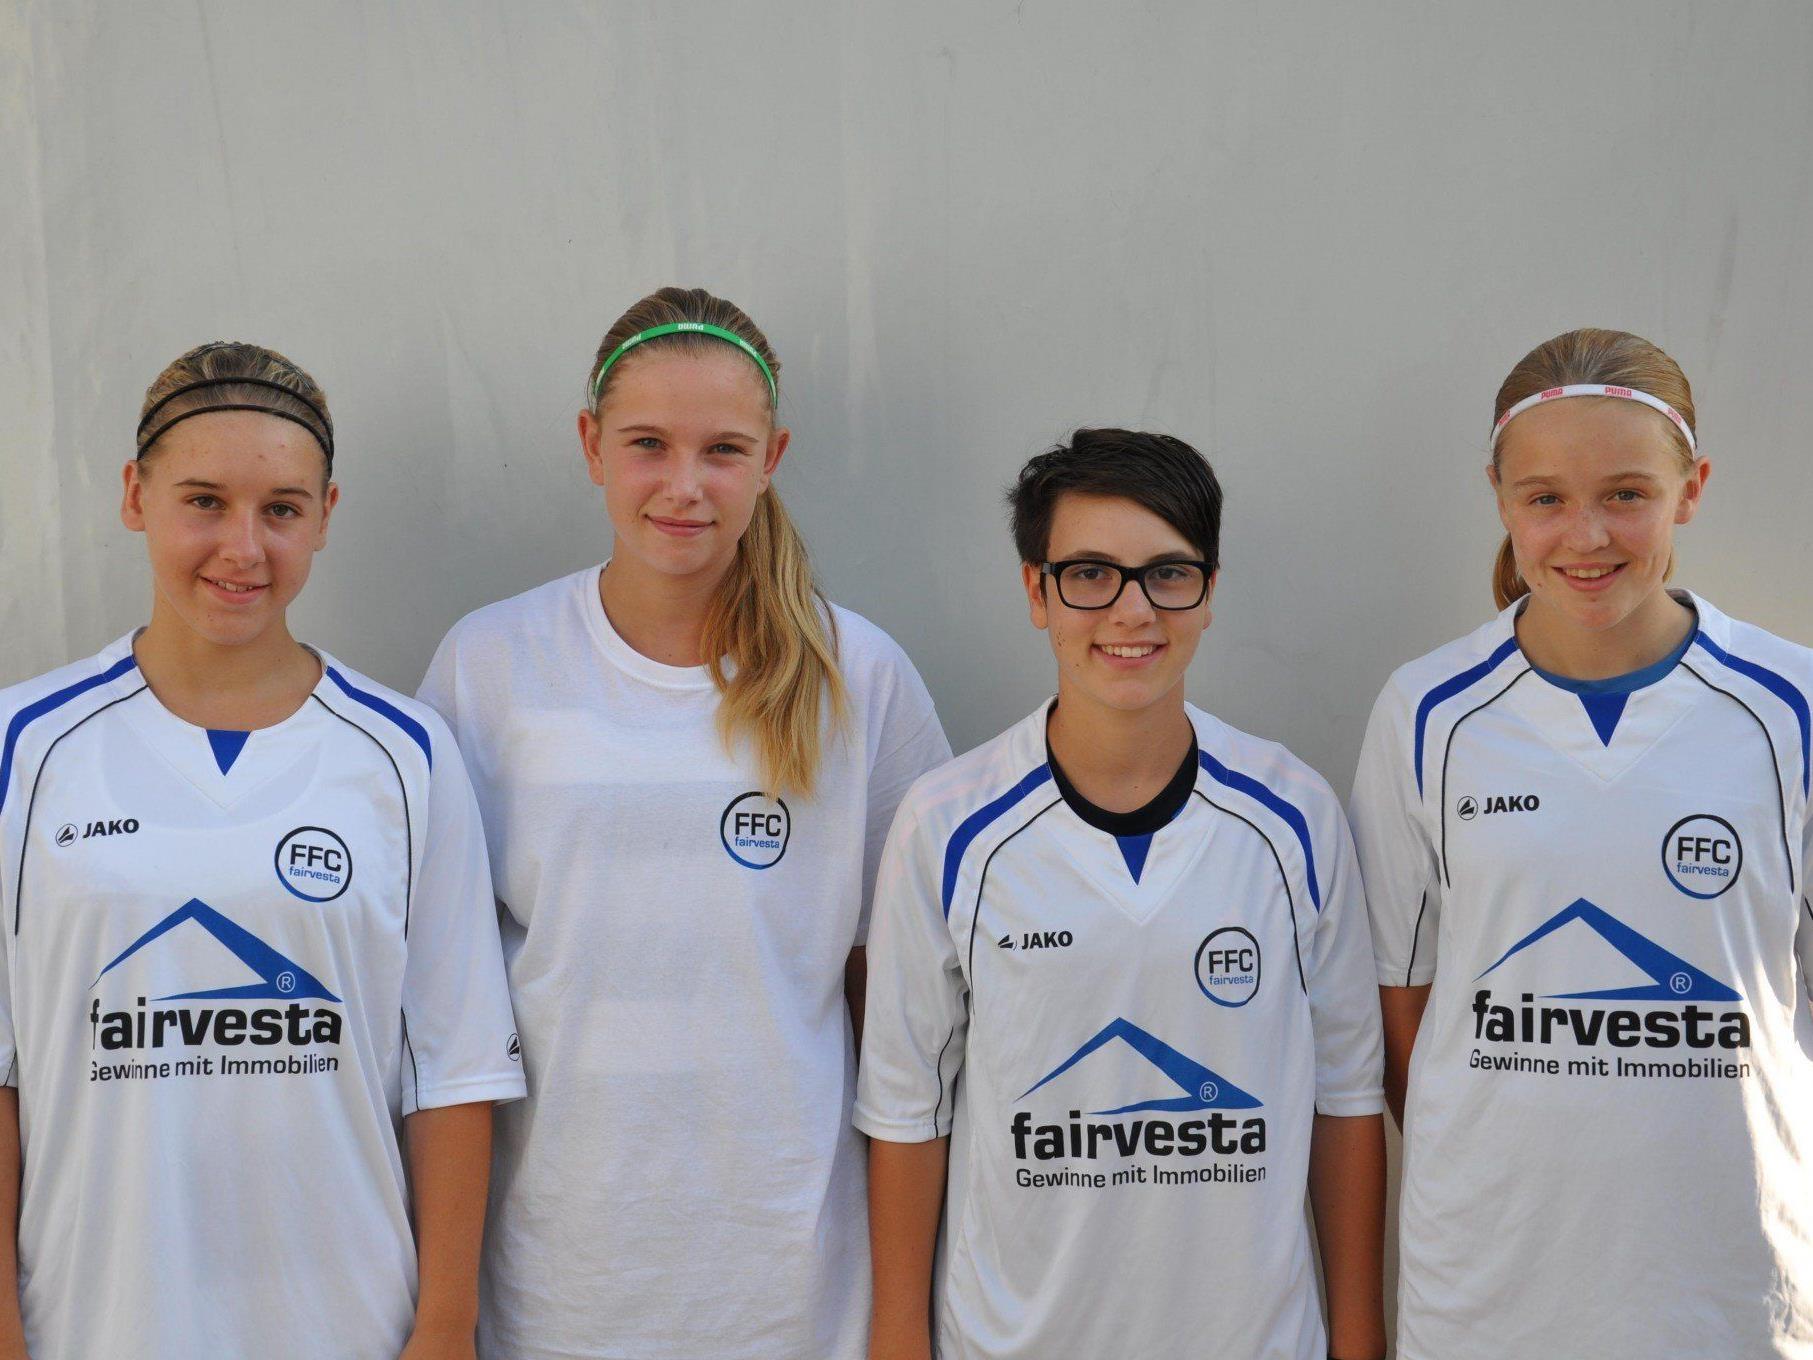 Sandra Malin, Melanie Pomberger, Lena Scheiber und Jacqueline Vonbrühl- hoffnungsvolle Nachwuchsspielerinnen aus Vorarlberg